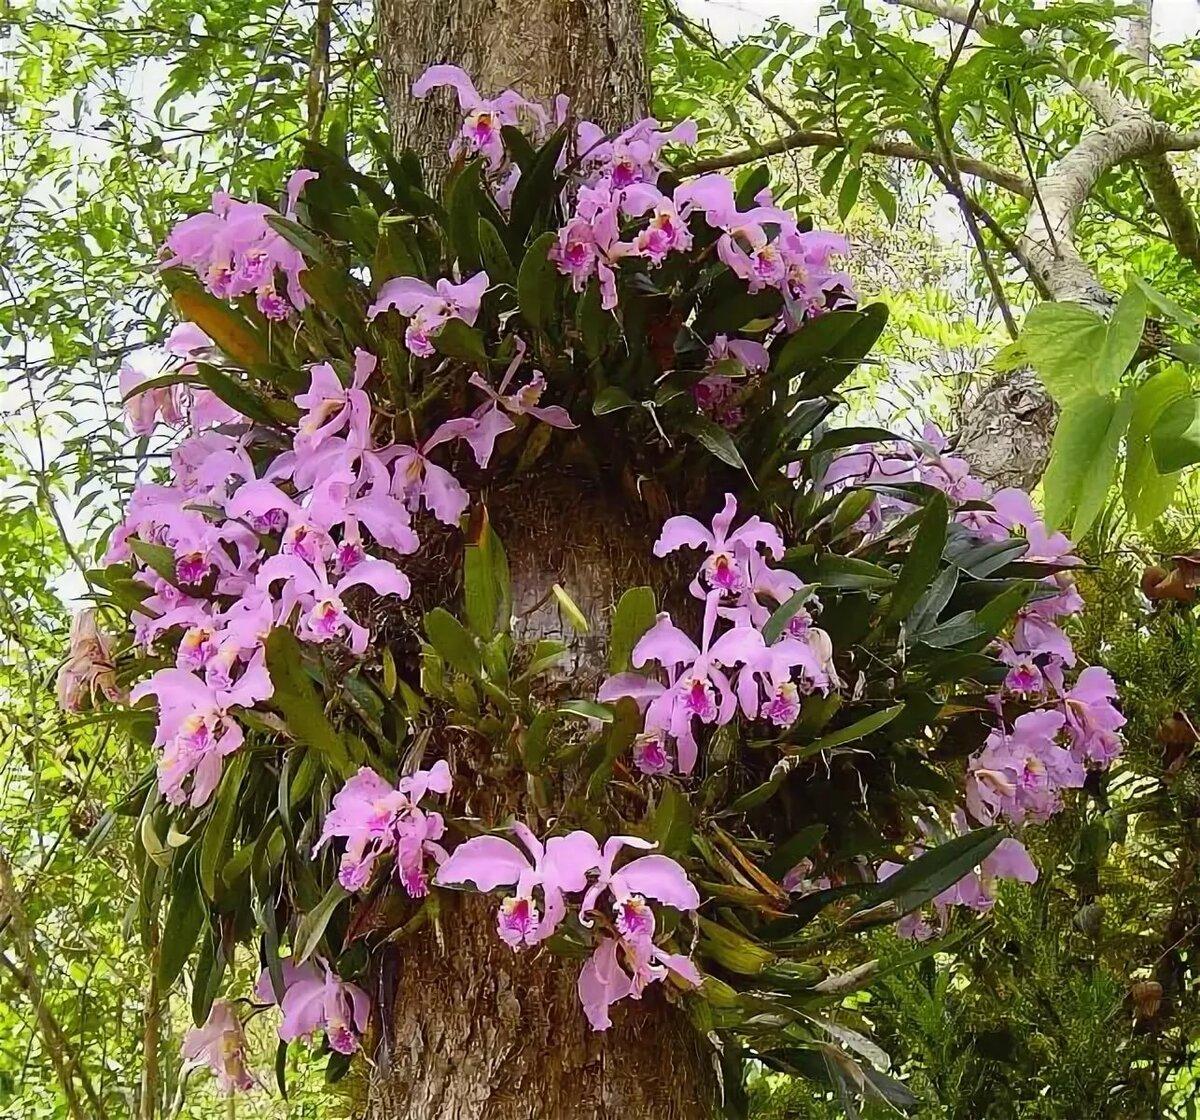 объясняет орхидеи в дикой природе фото это низкокалорийный